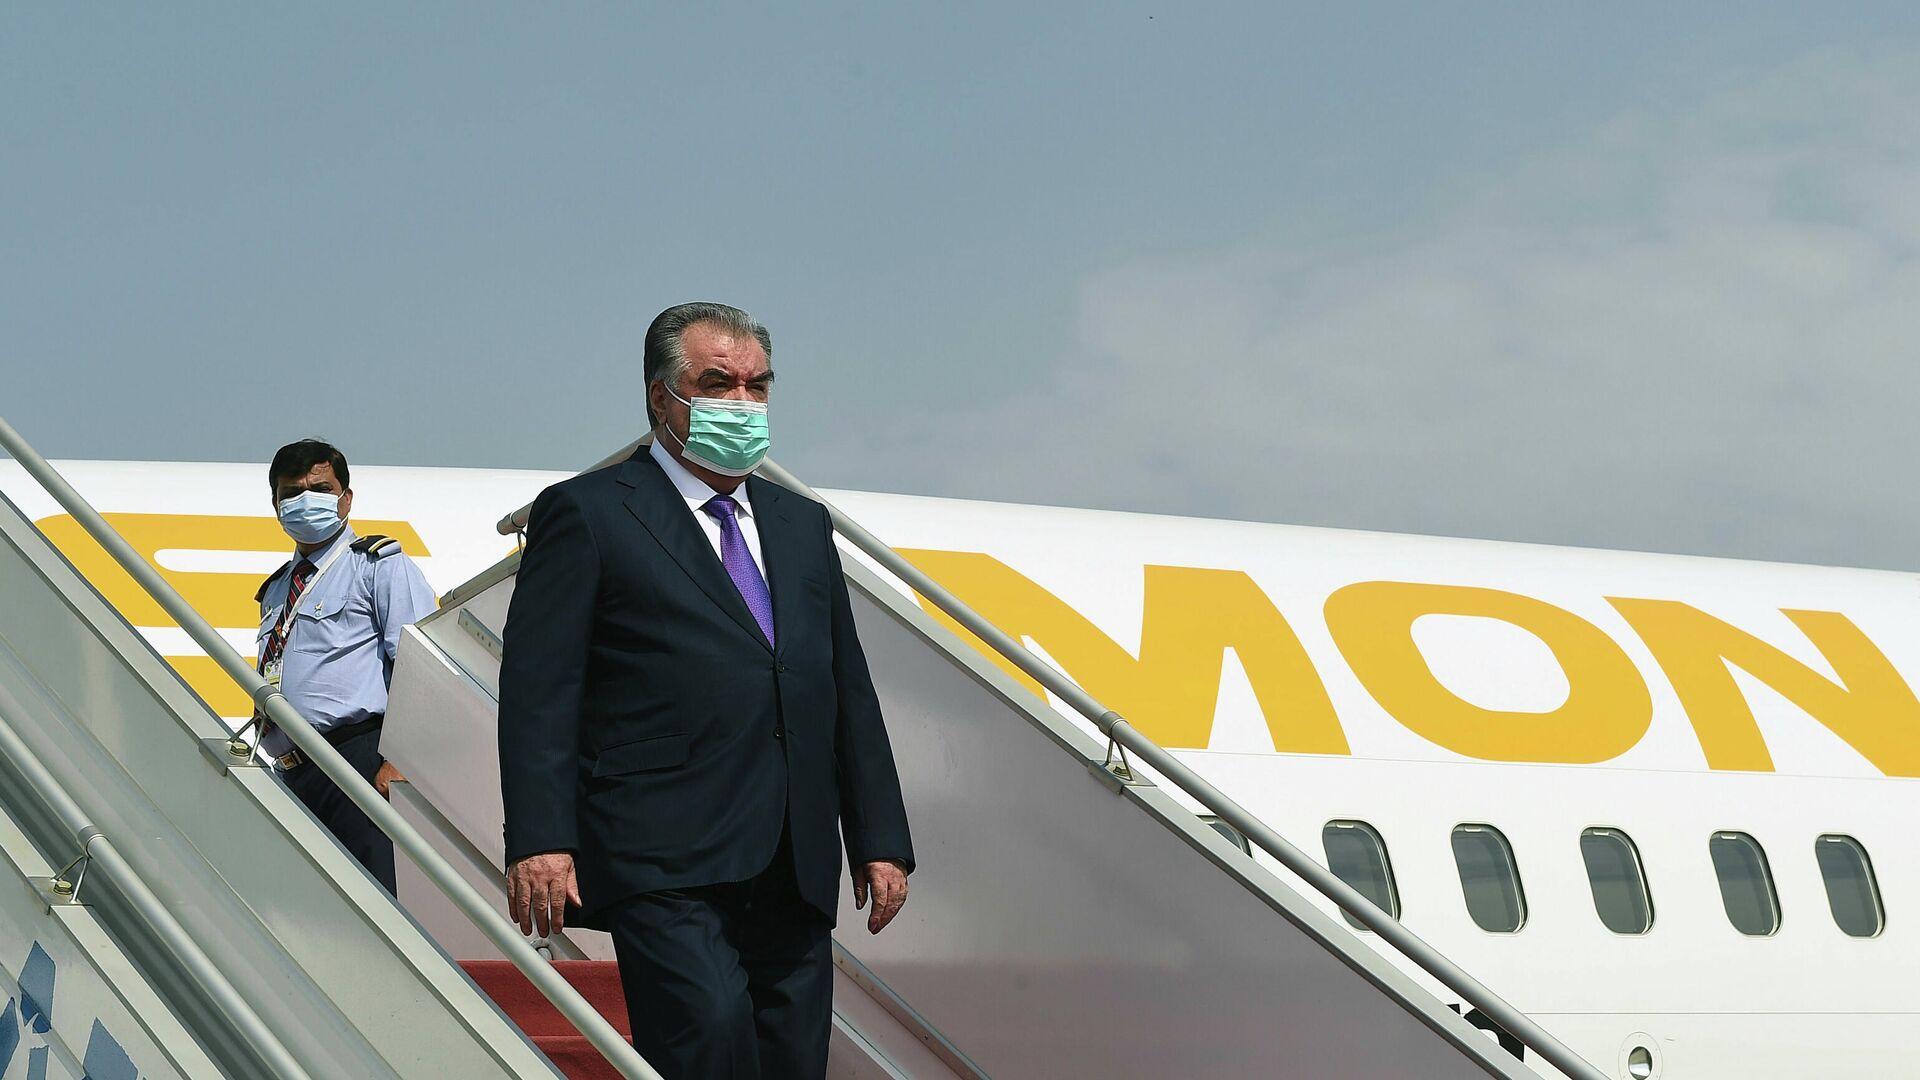 Президент Таджикистана Эмомали Рахмон прилетел в Исламабад - Sputnik Таджикистан, 1920, 04.08.2021